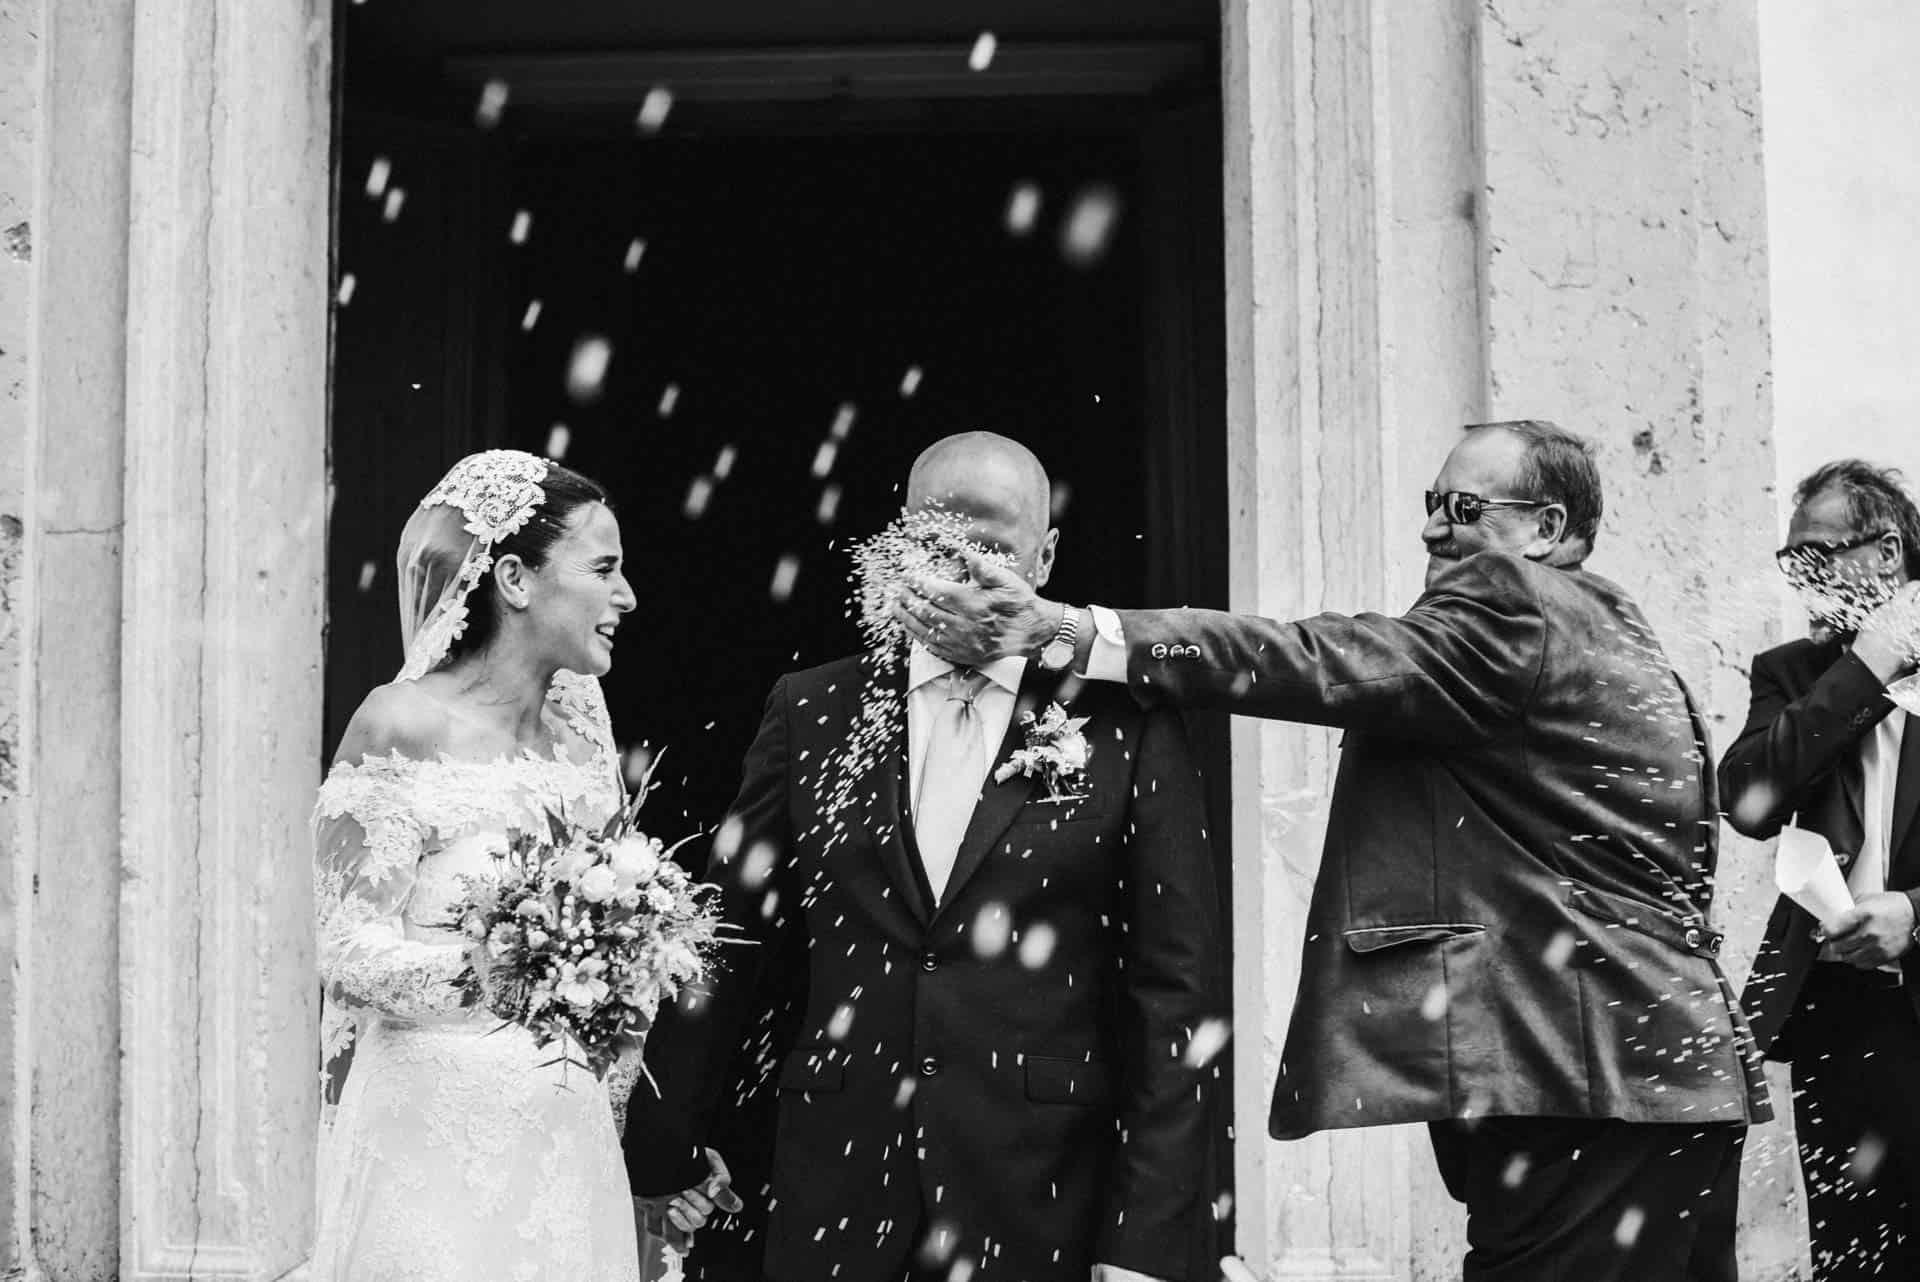 Fotografo Matrimonio Belluno 2 Fotografo Matrimonio Andrea Fusaro